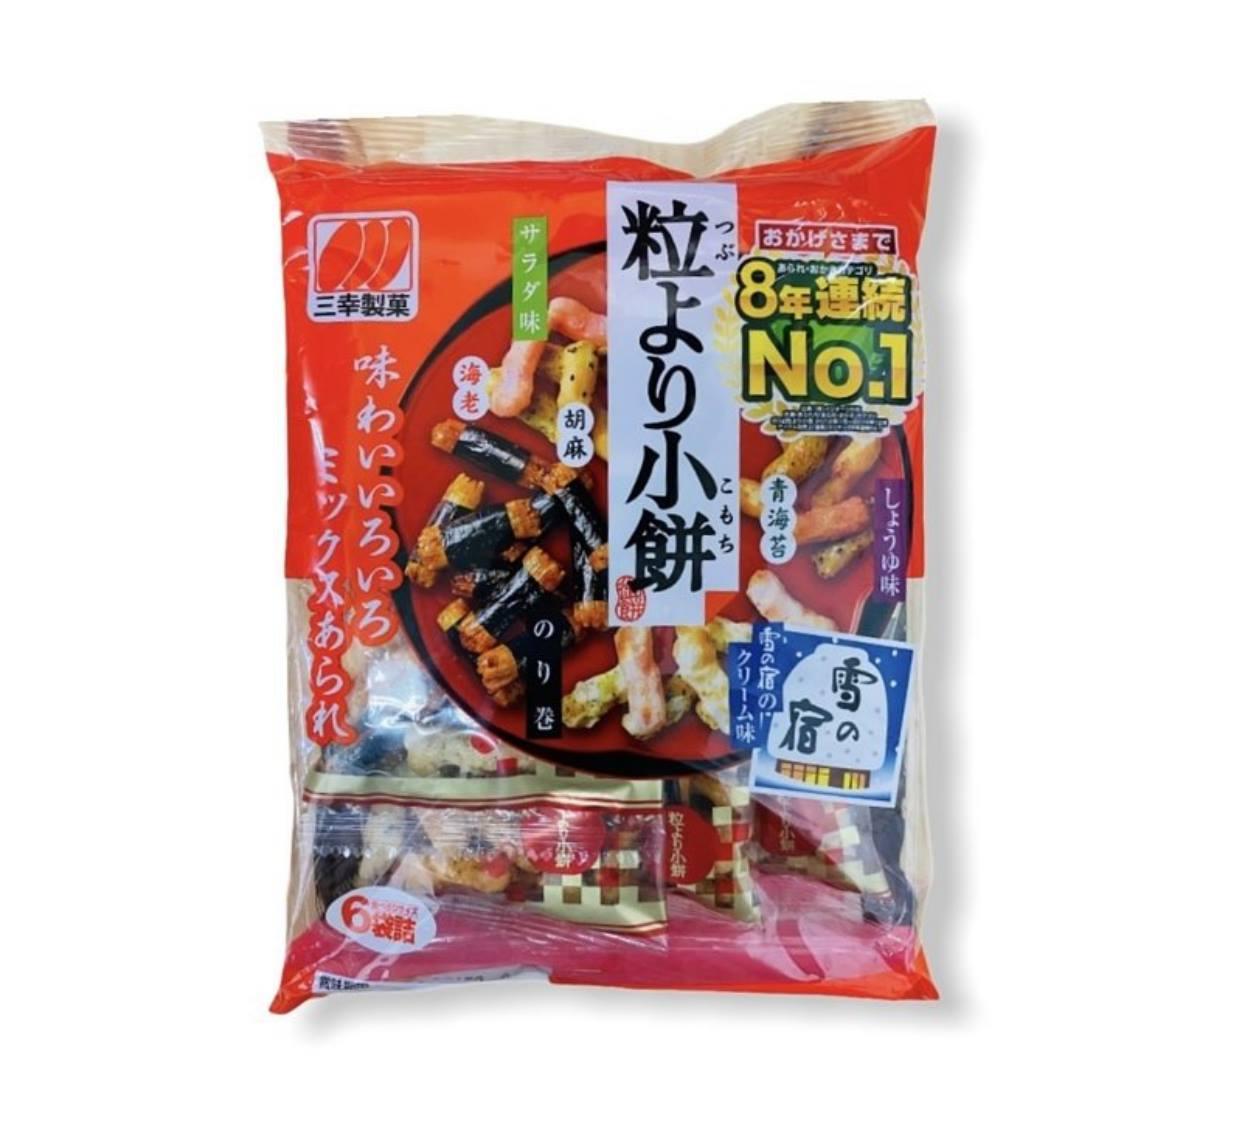 三幸製菓 七種綜合米果 6小袋入